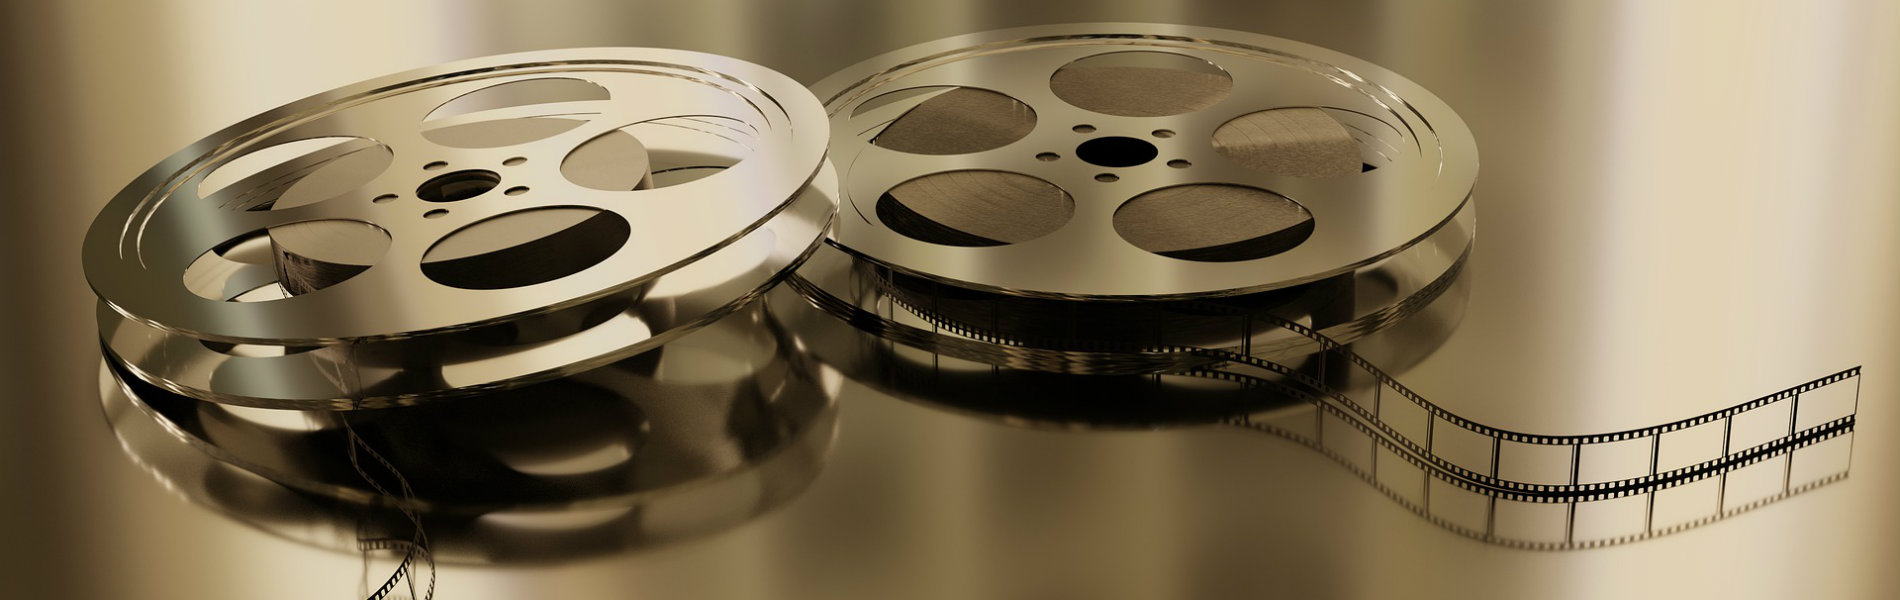 FILMS-1900x600